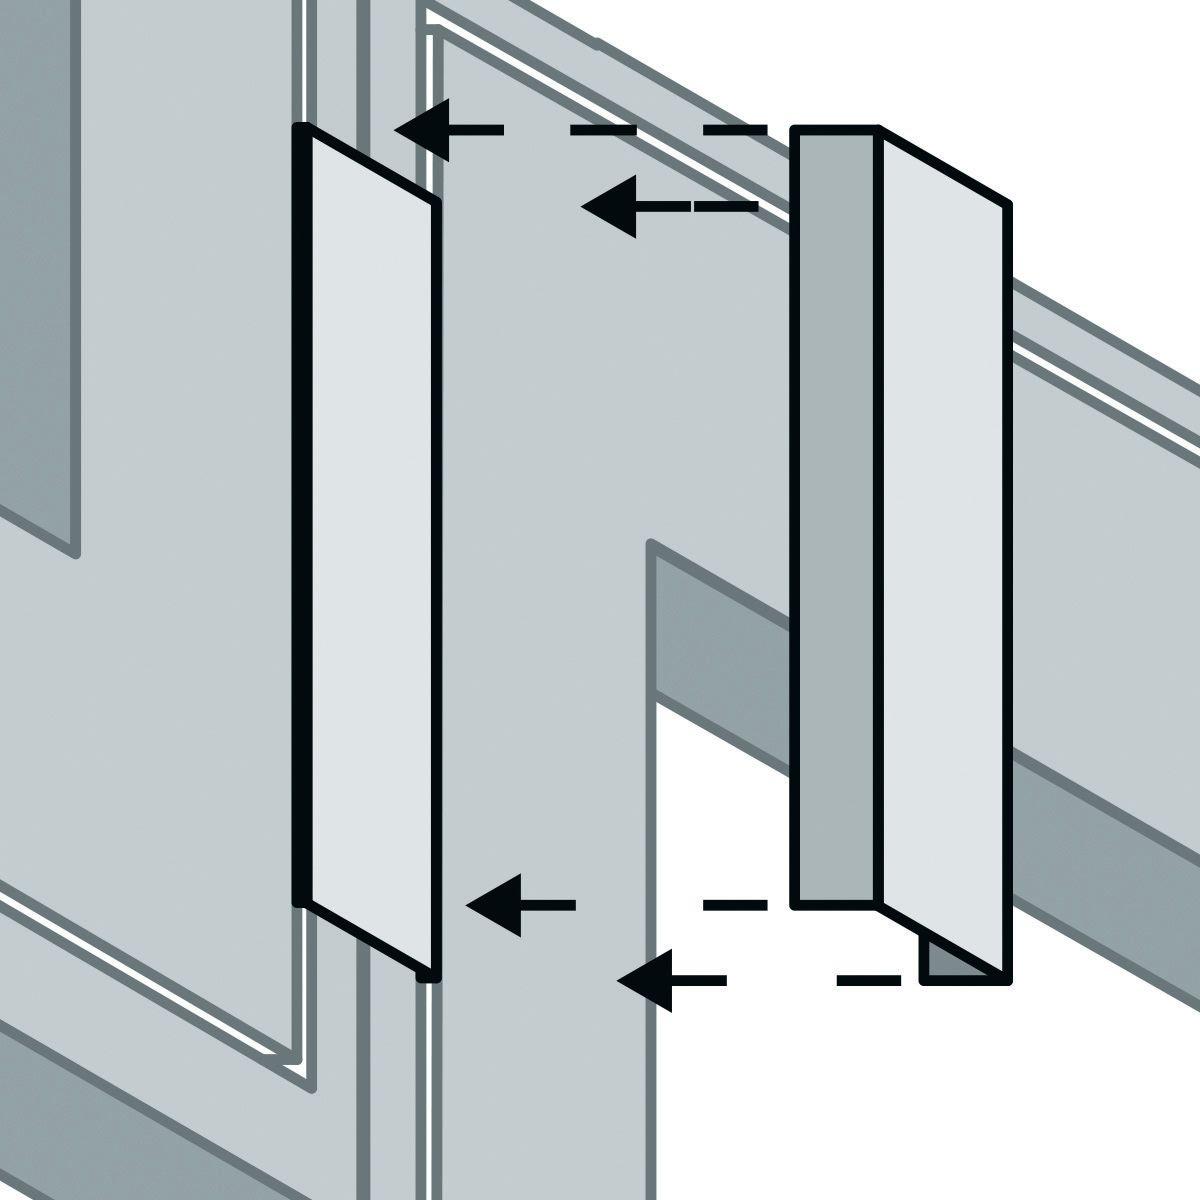 Supporti per quadri a parete amazing binari da soffitto - Supporti per specchi a parete ...